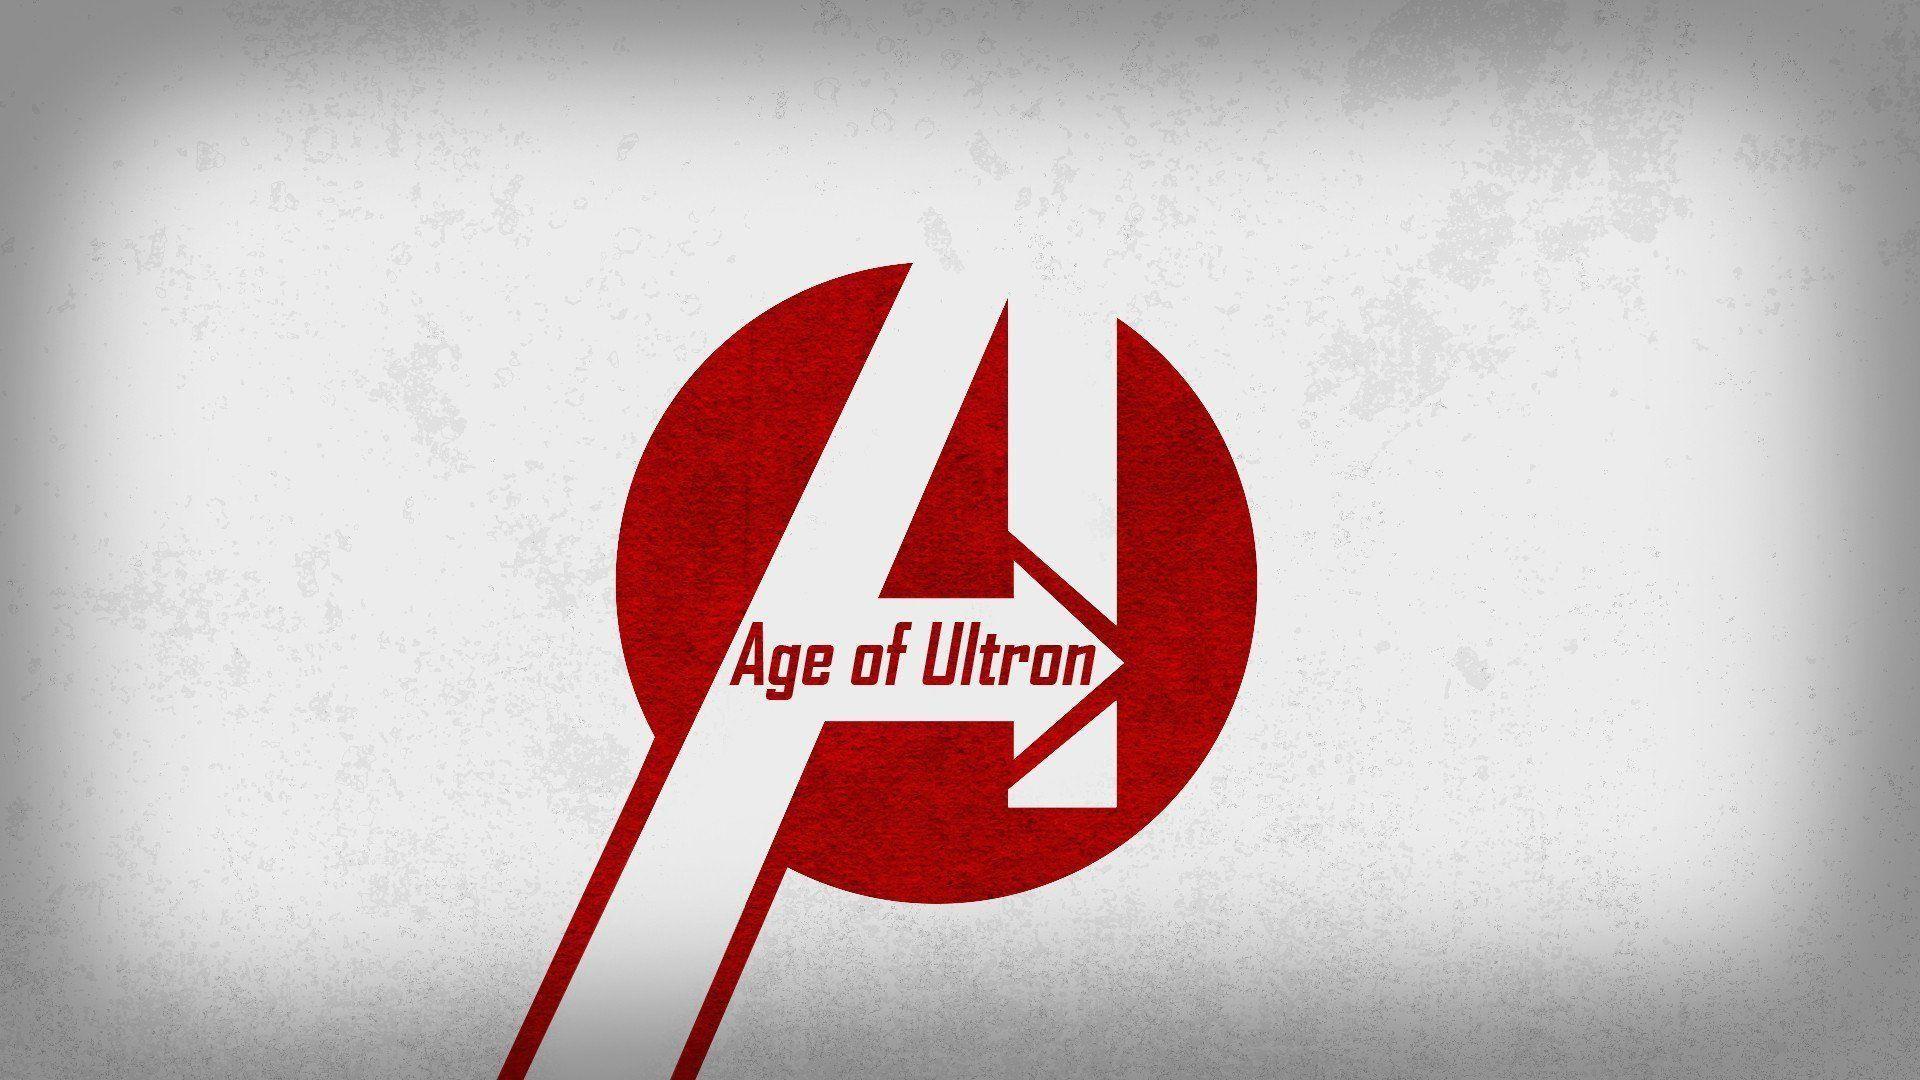 Avengers Marvel Age of Ultron Logo wallpaper | | 247886 .